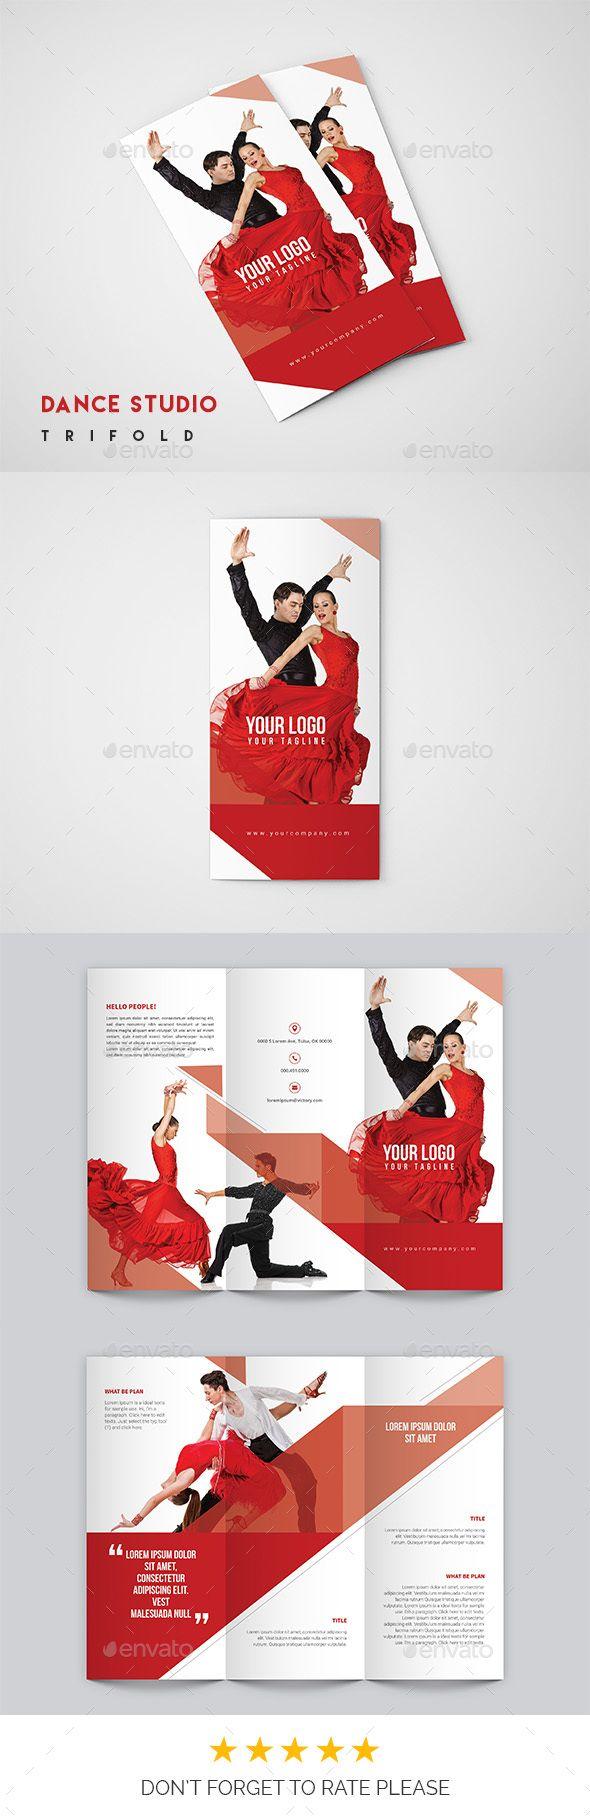 Dance Studio #Brochure - Catalogs Brochures Download here: https://graphicriver.net/item/dance-studio-brochure/19325681?ref=alena994